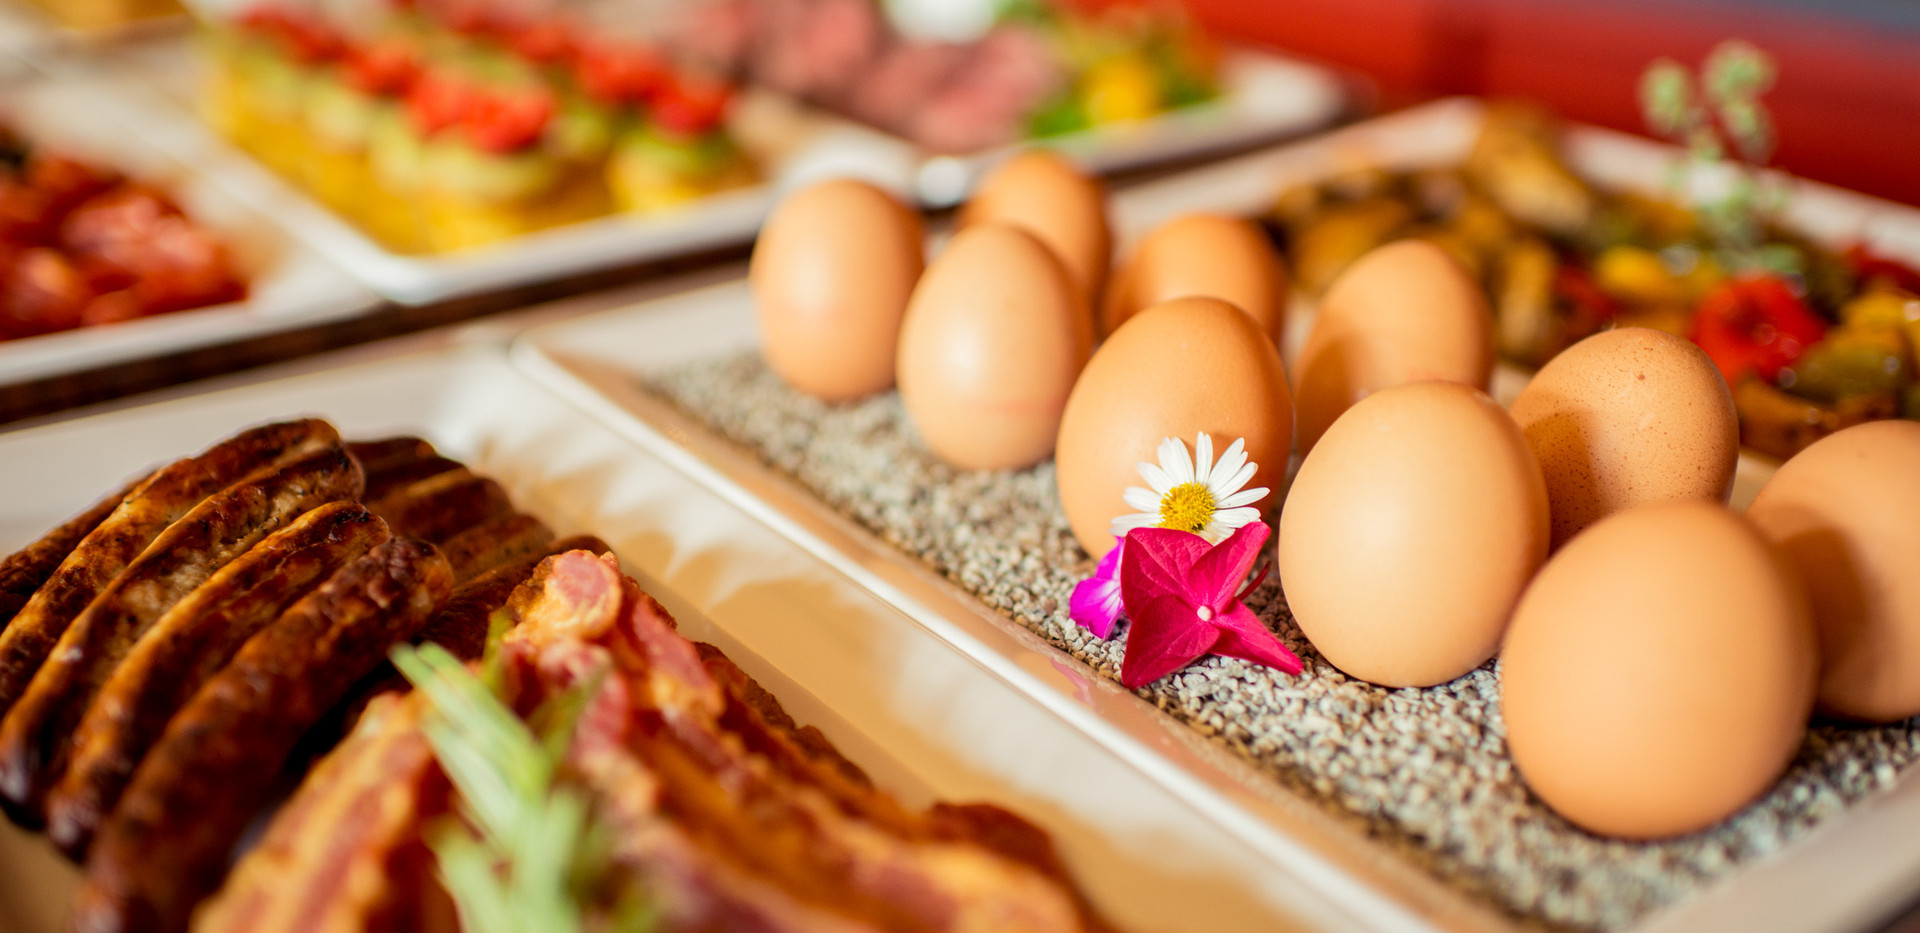 kleine Speisen am Buffet Frühstücks-Manufaktur